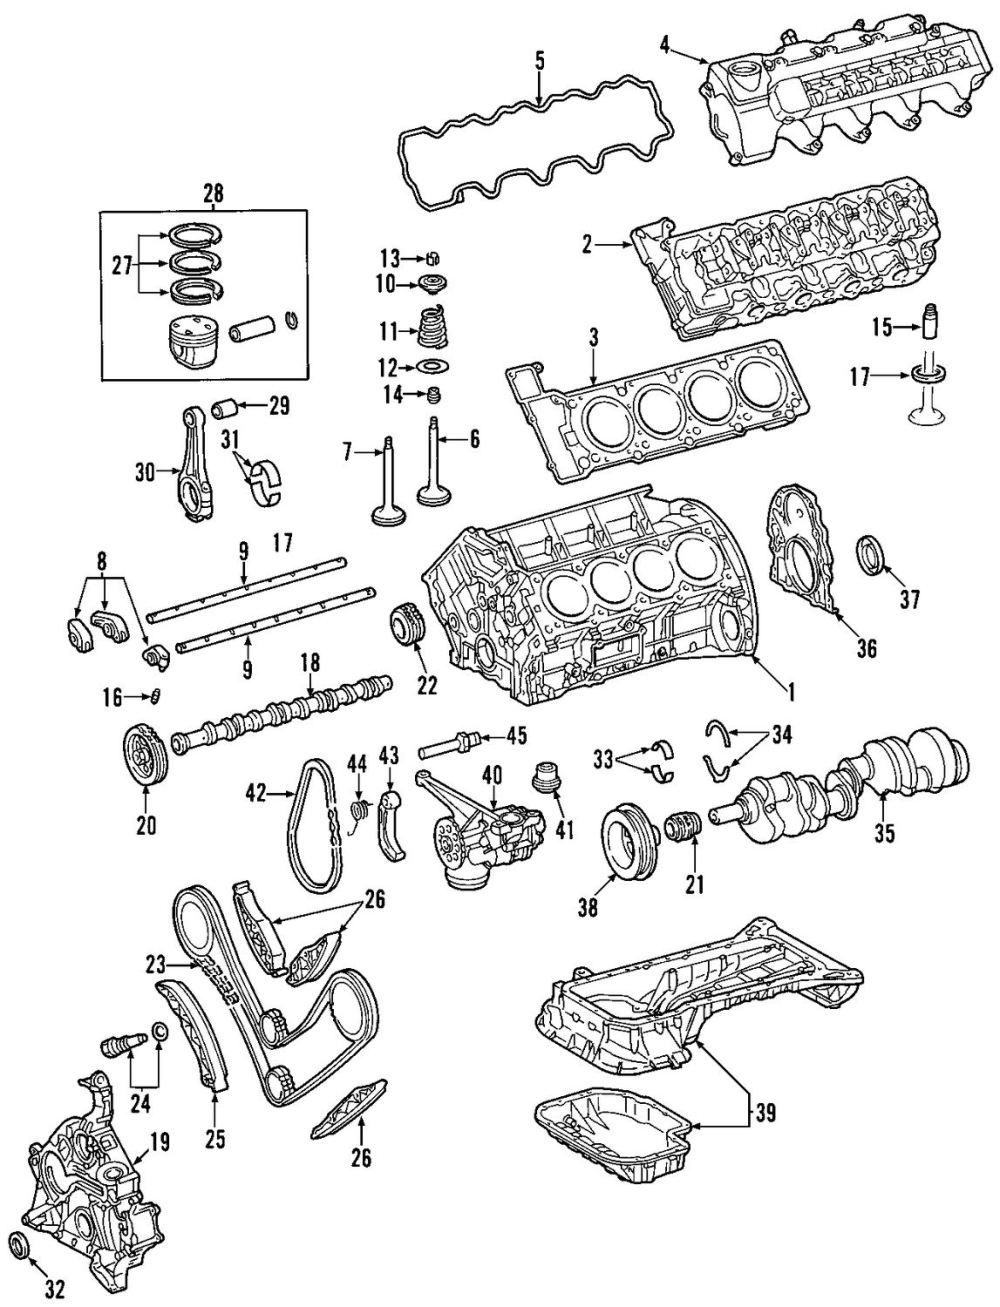 medium resolution of mercedes c230 parts diagram wiring schematic diagram1999 mercedes benz ml320 engine diagram best wiring library diagram